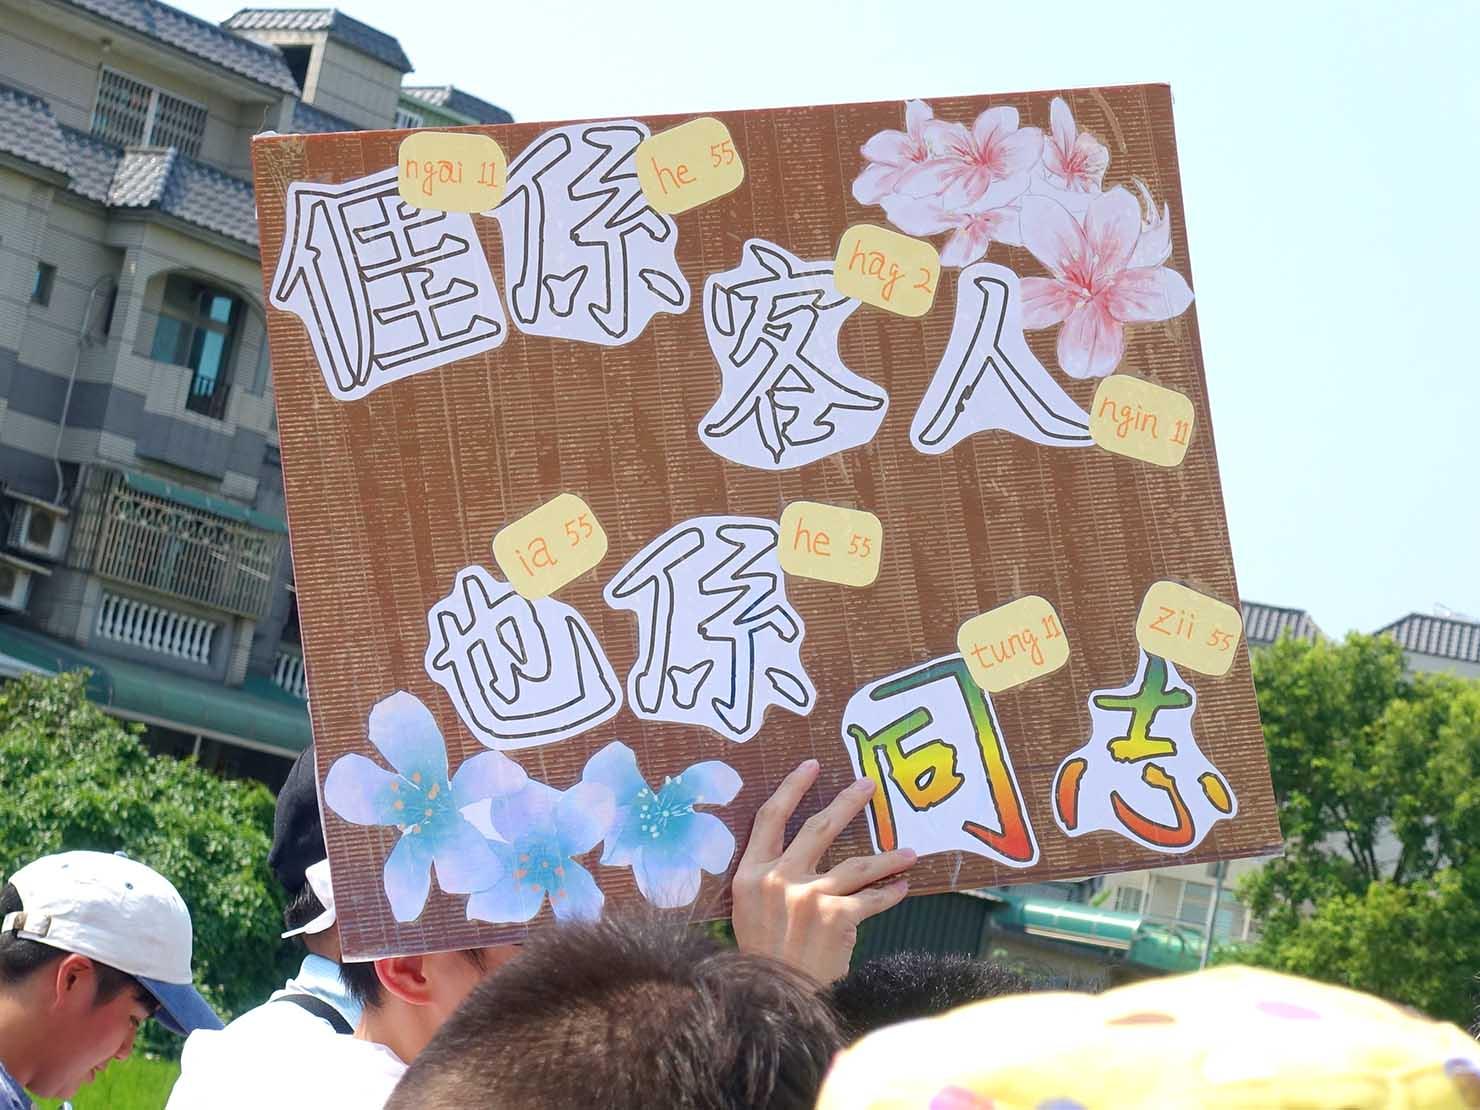 苗栗愛轉來平權遊行(苗栗LGBTプライド)2019のパレードでプラカードを掲げる客家人の参加者